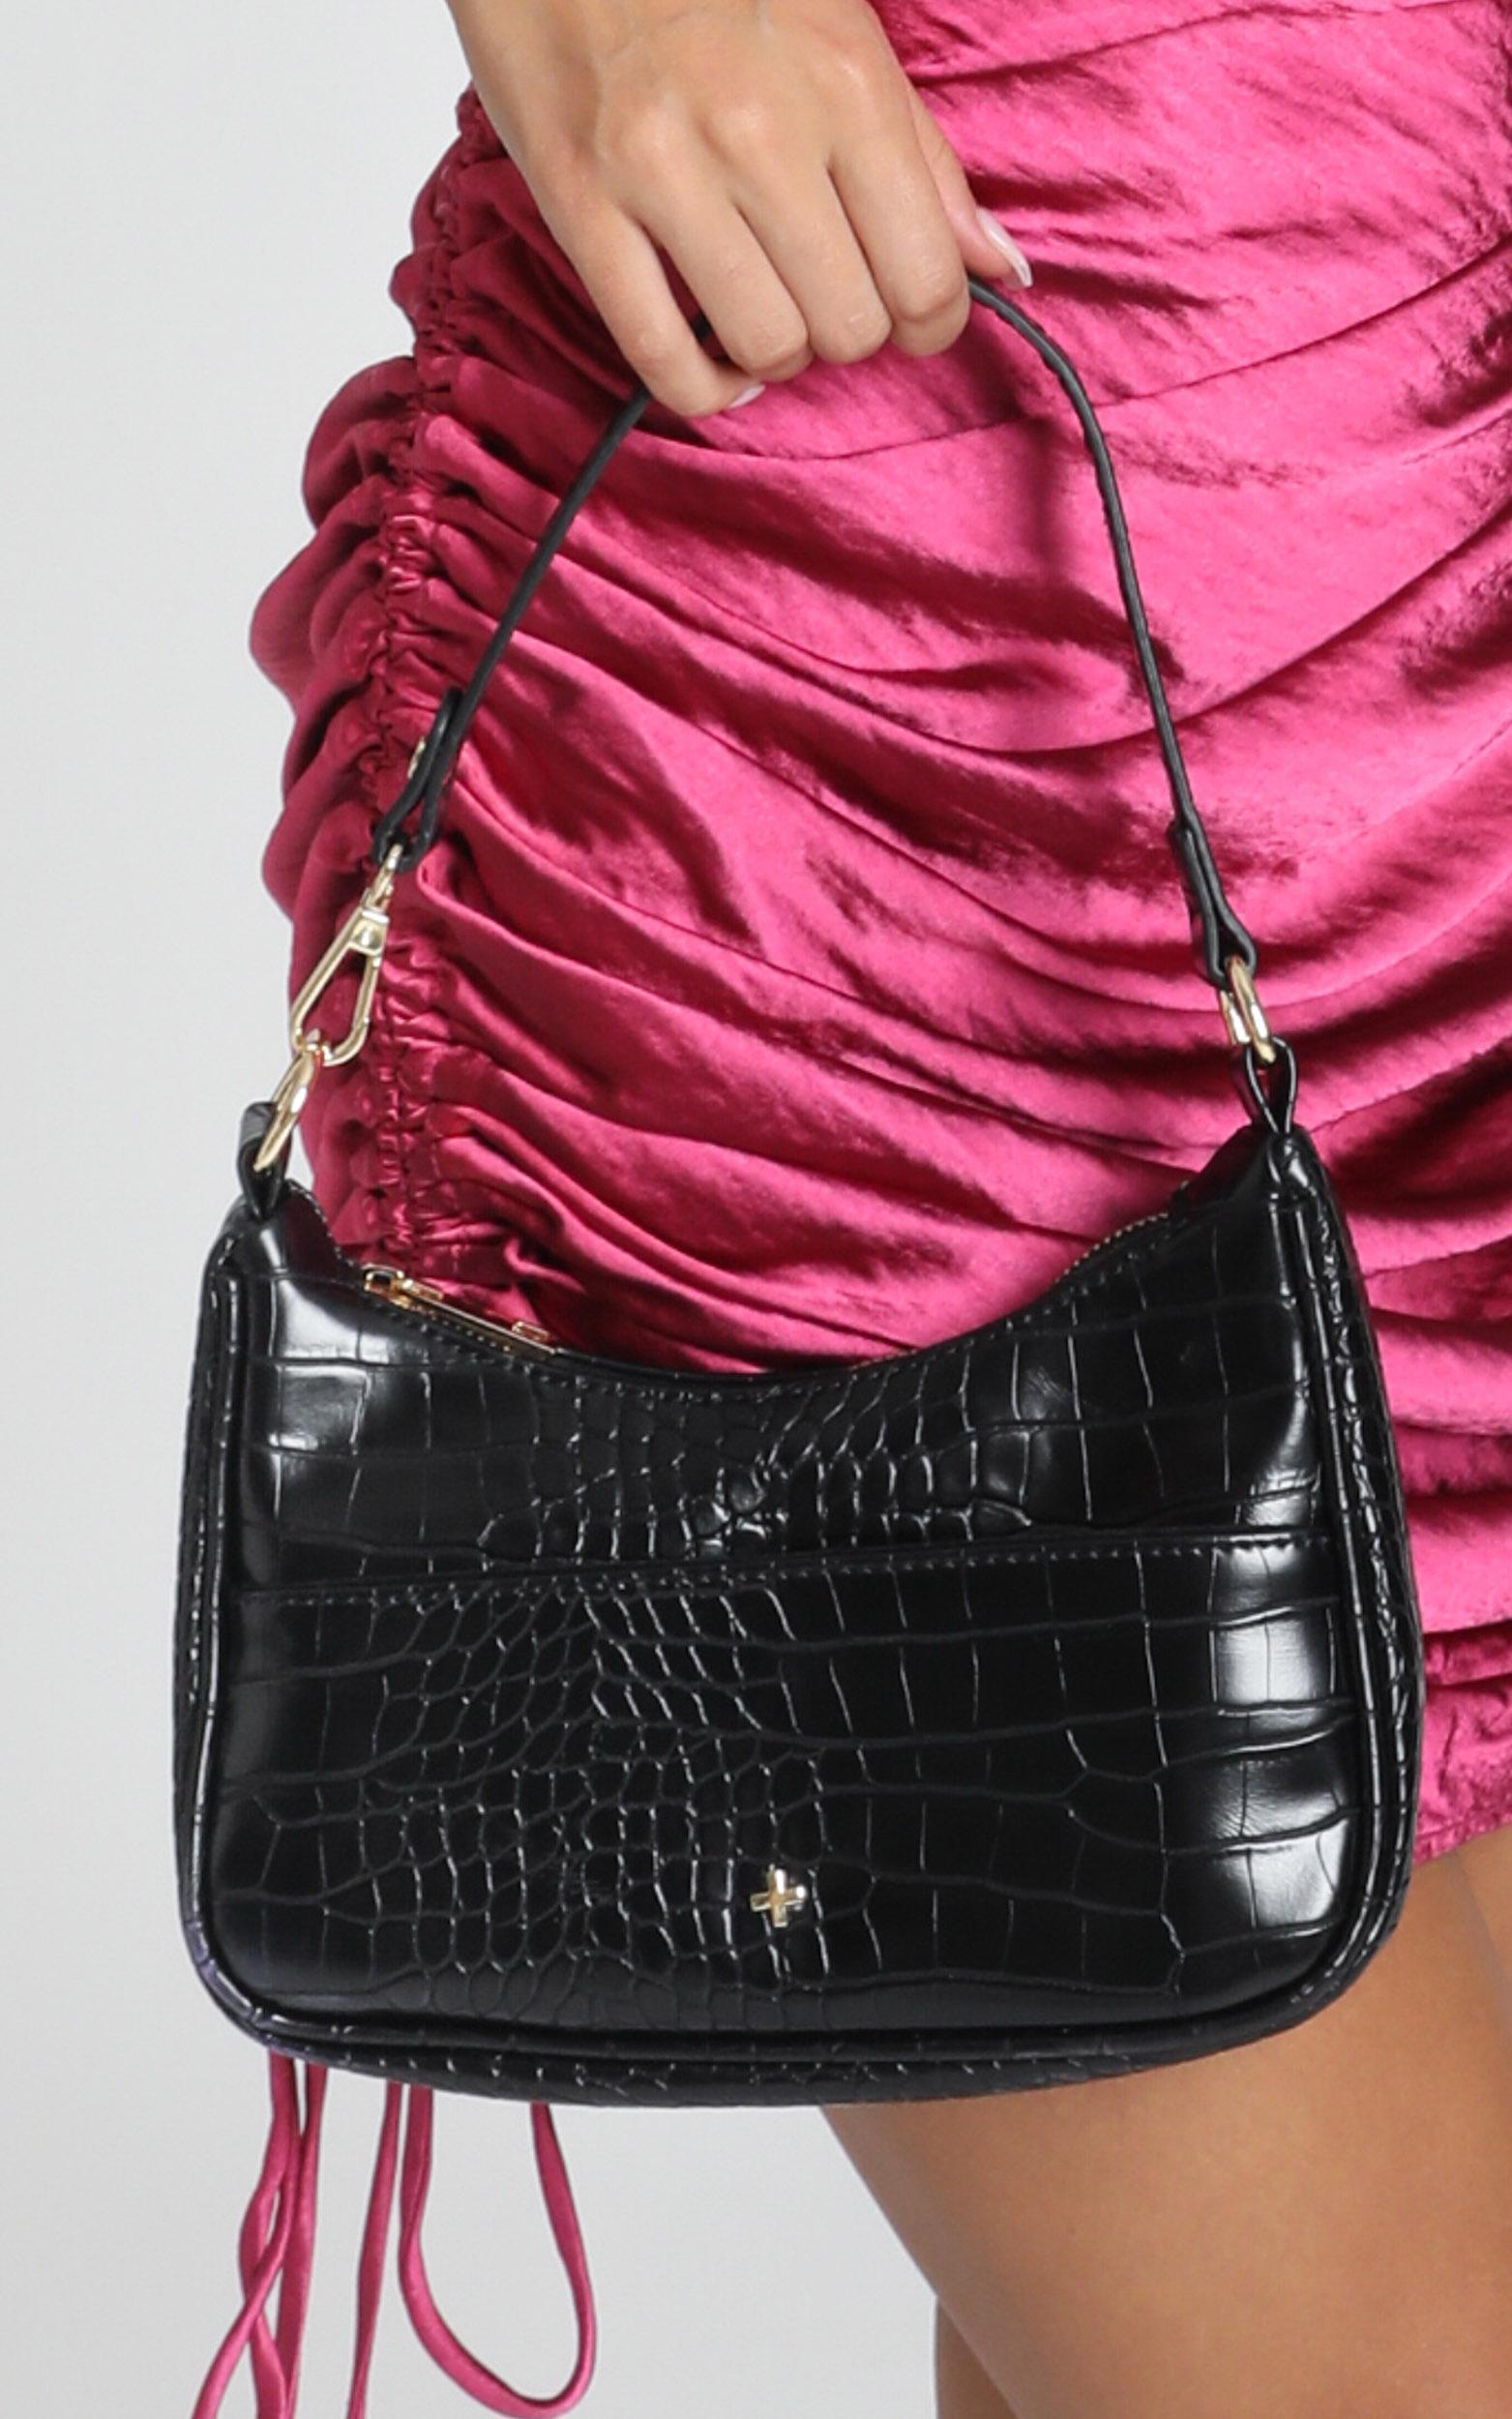 Peta and Jain - Tal Bag in Black Croc, BLK8, hi-res image number null